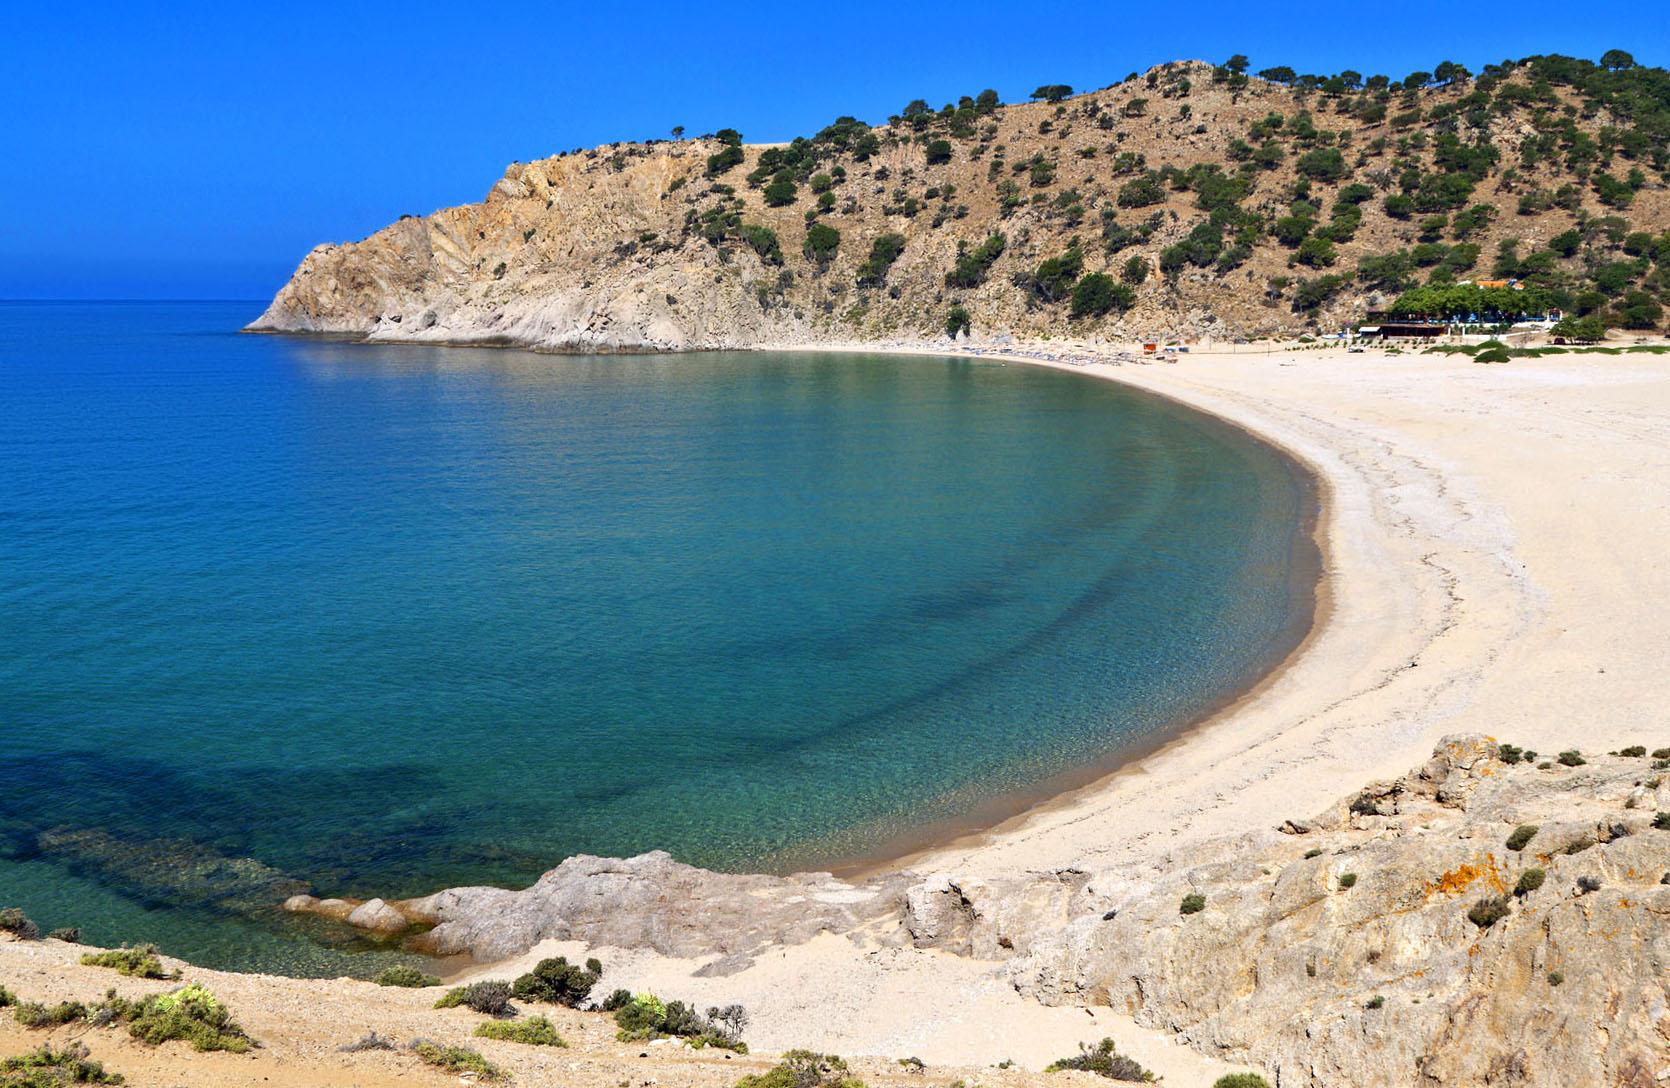 Foto spiagge skopelos grecia